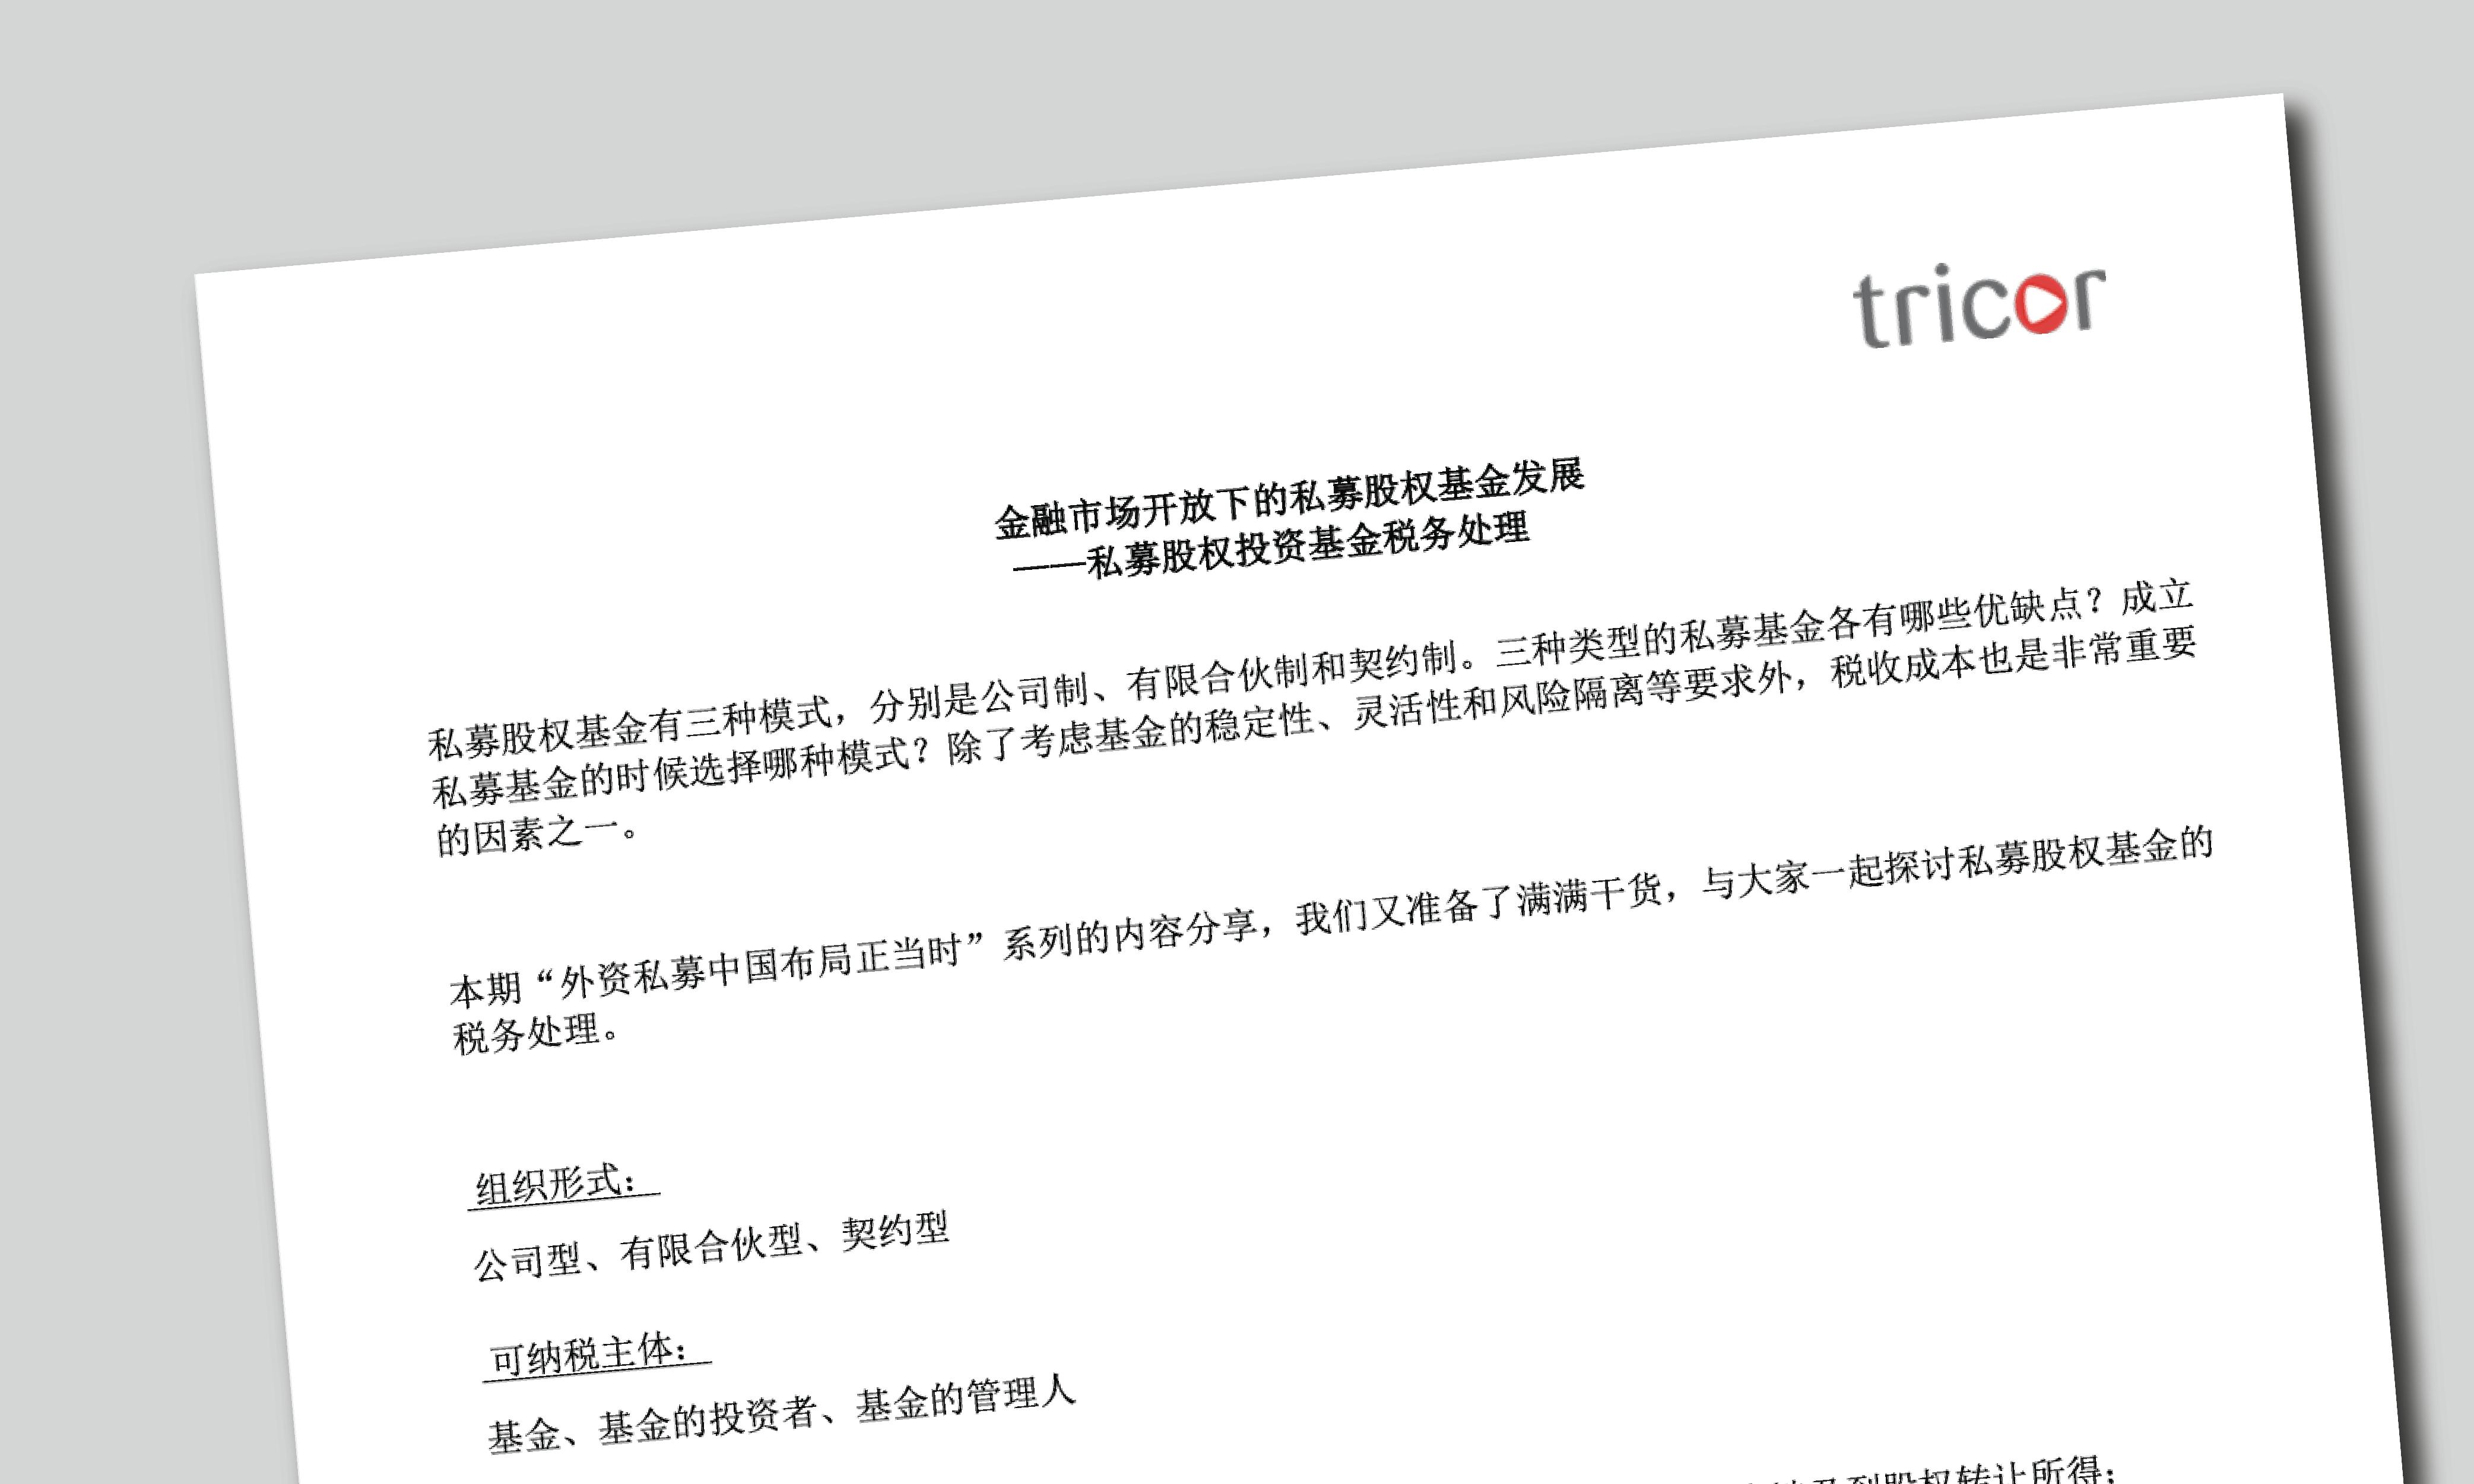 中国金融市场开放下的私募股权基金发展 ——私募股权投资基金税务处理 [SC]